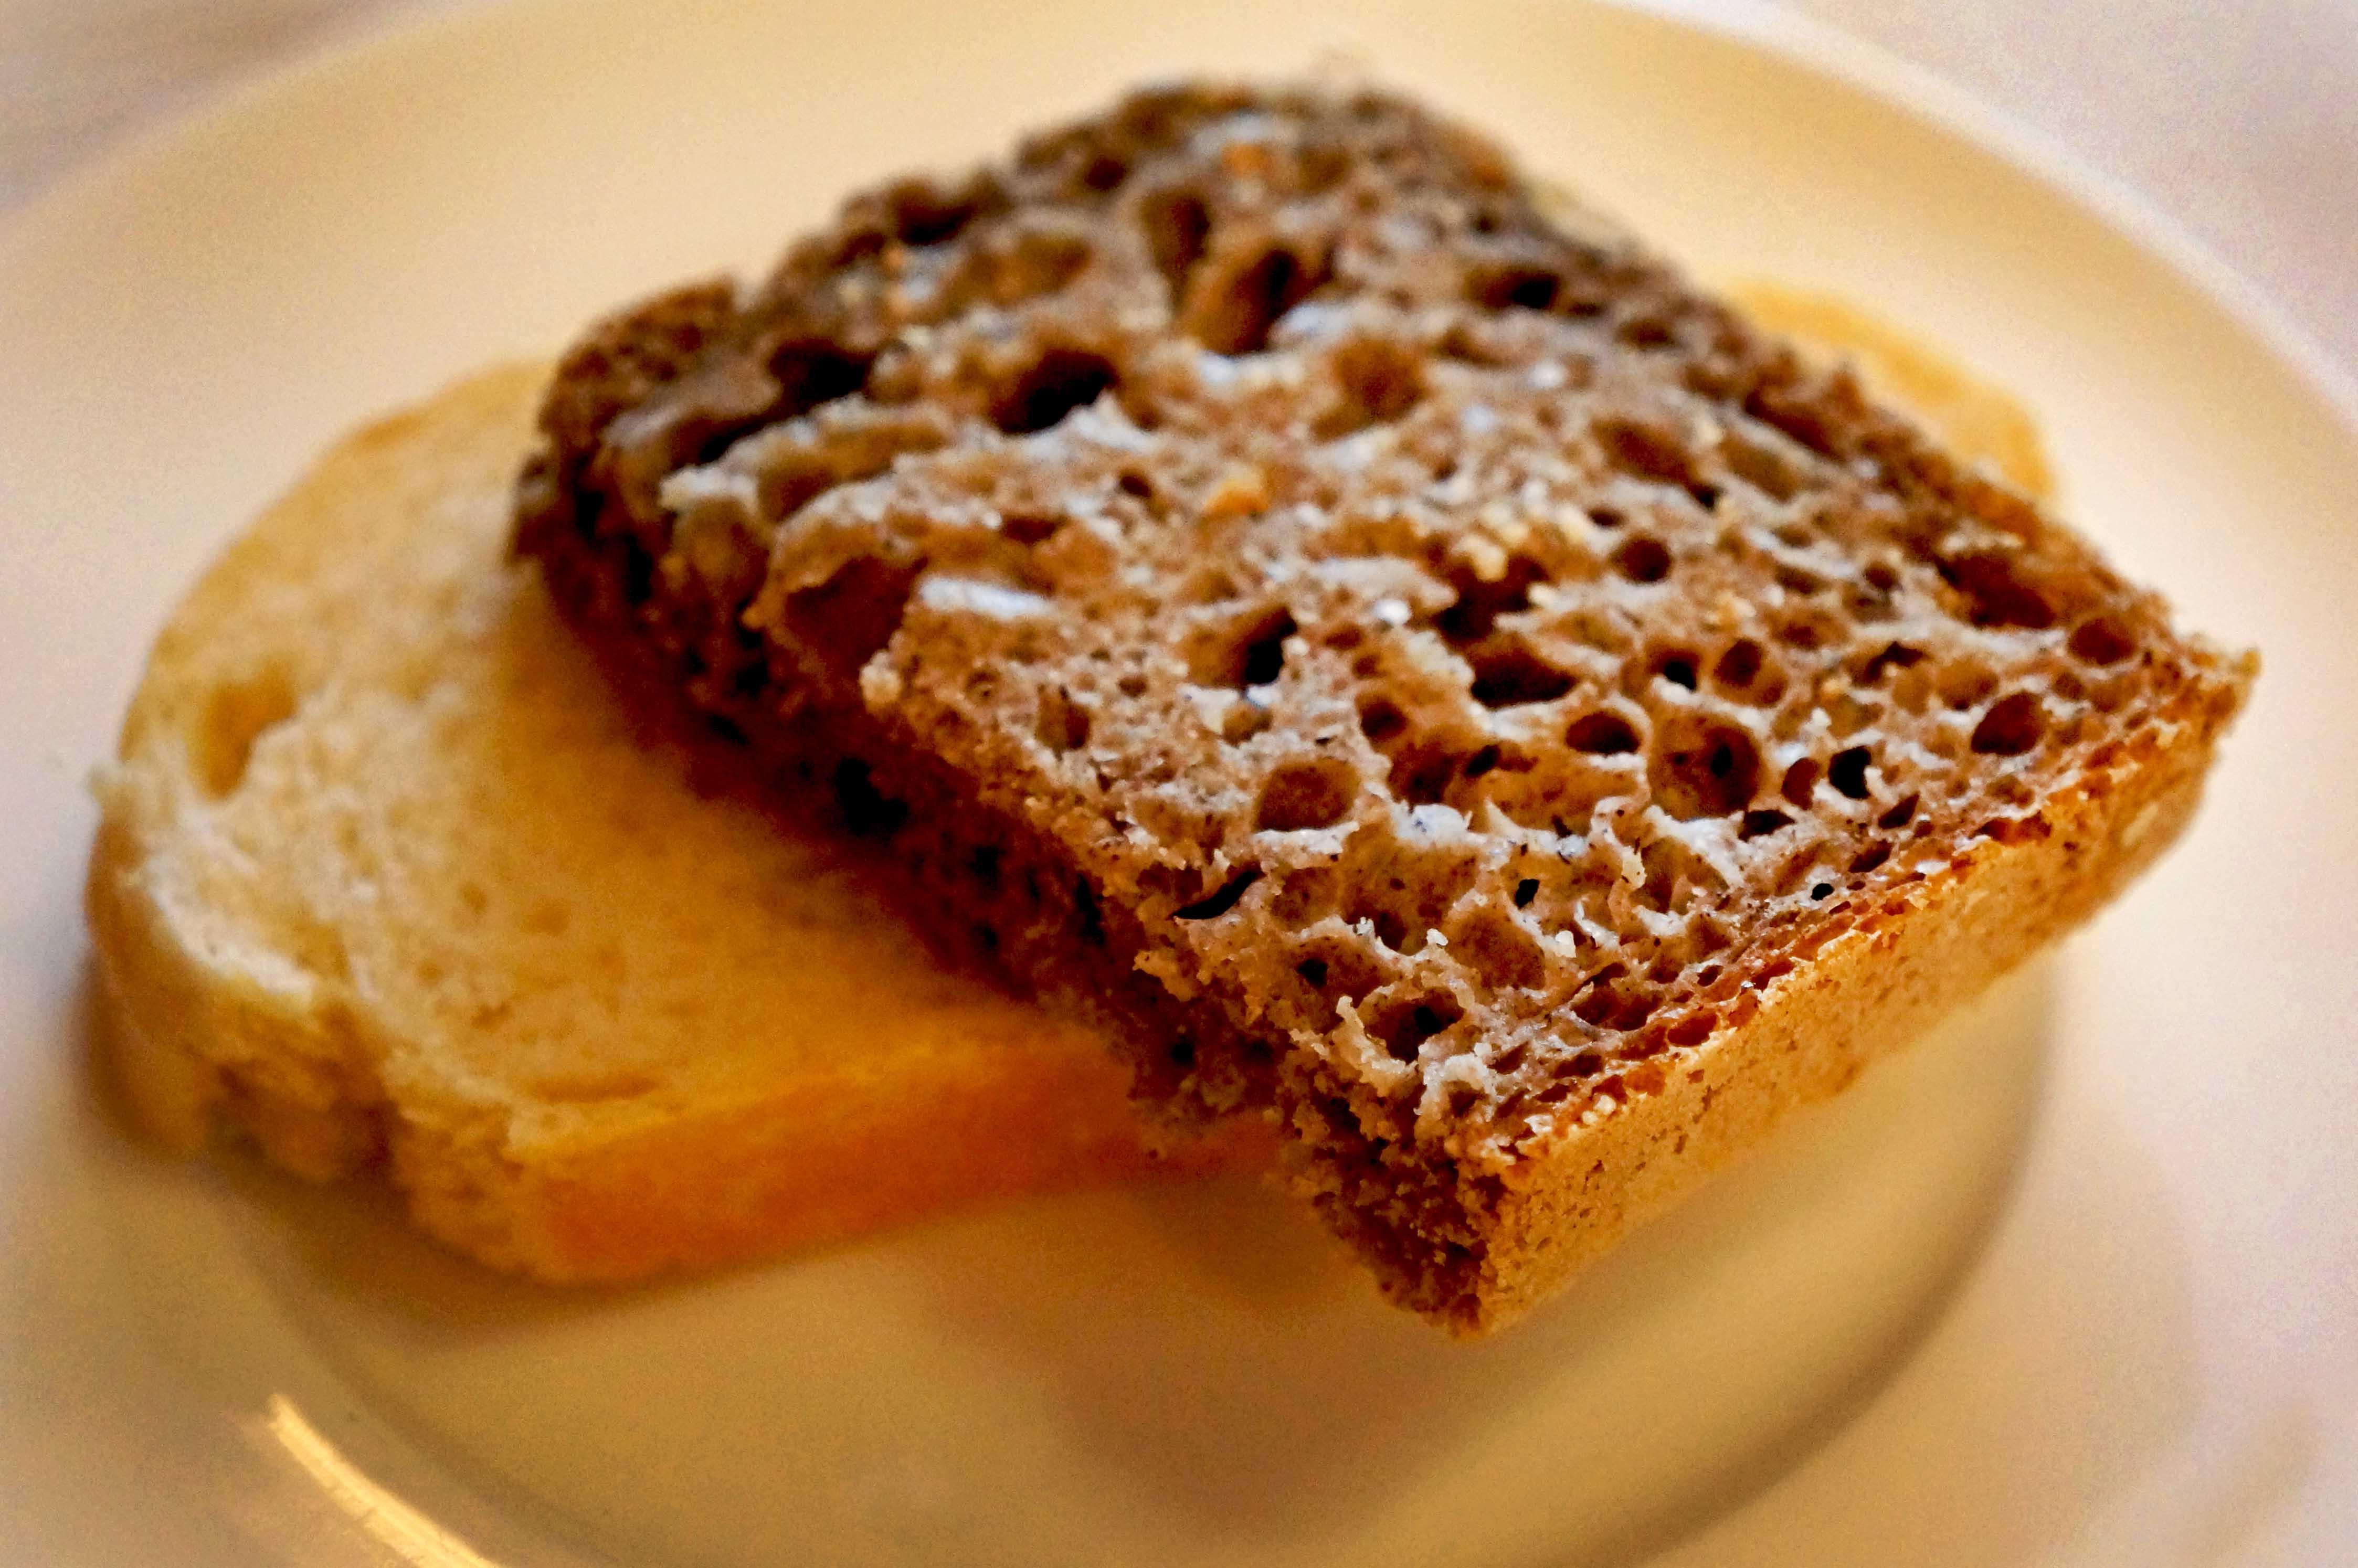 hleb koji se pravi u restoranu